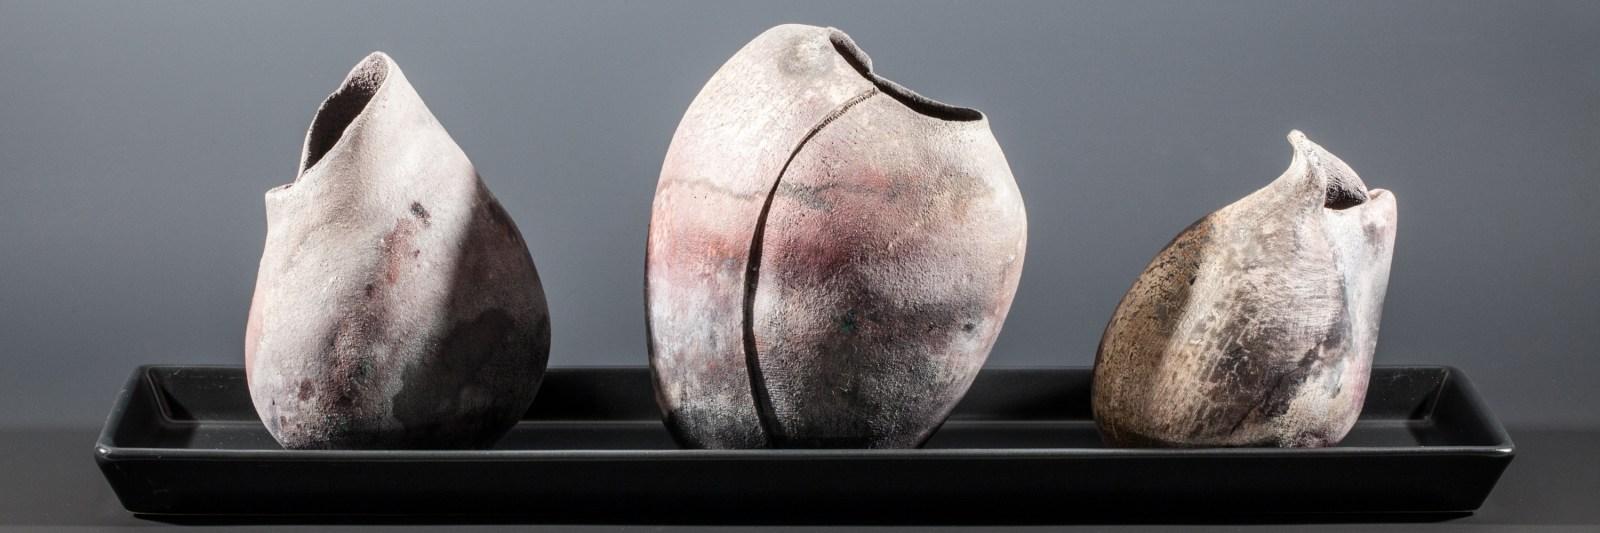 Helen-Shanks-ceramics-132